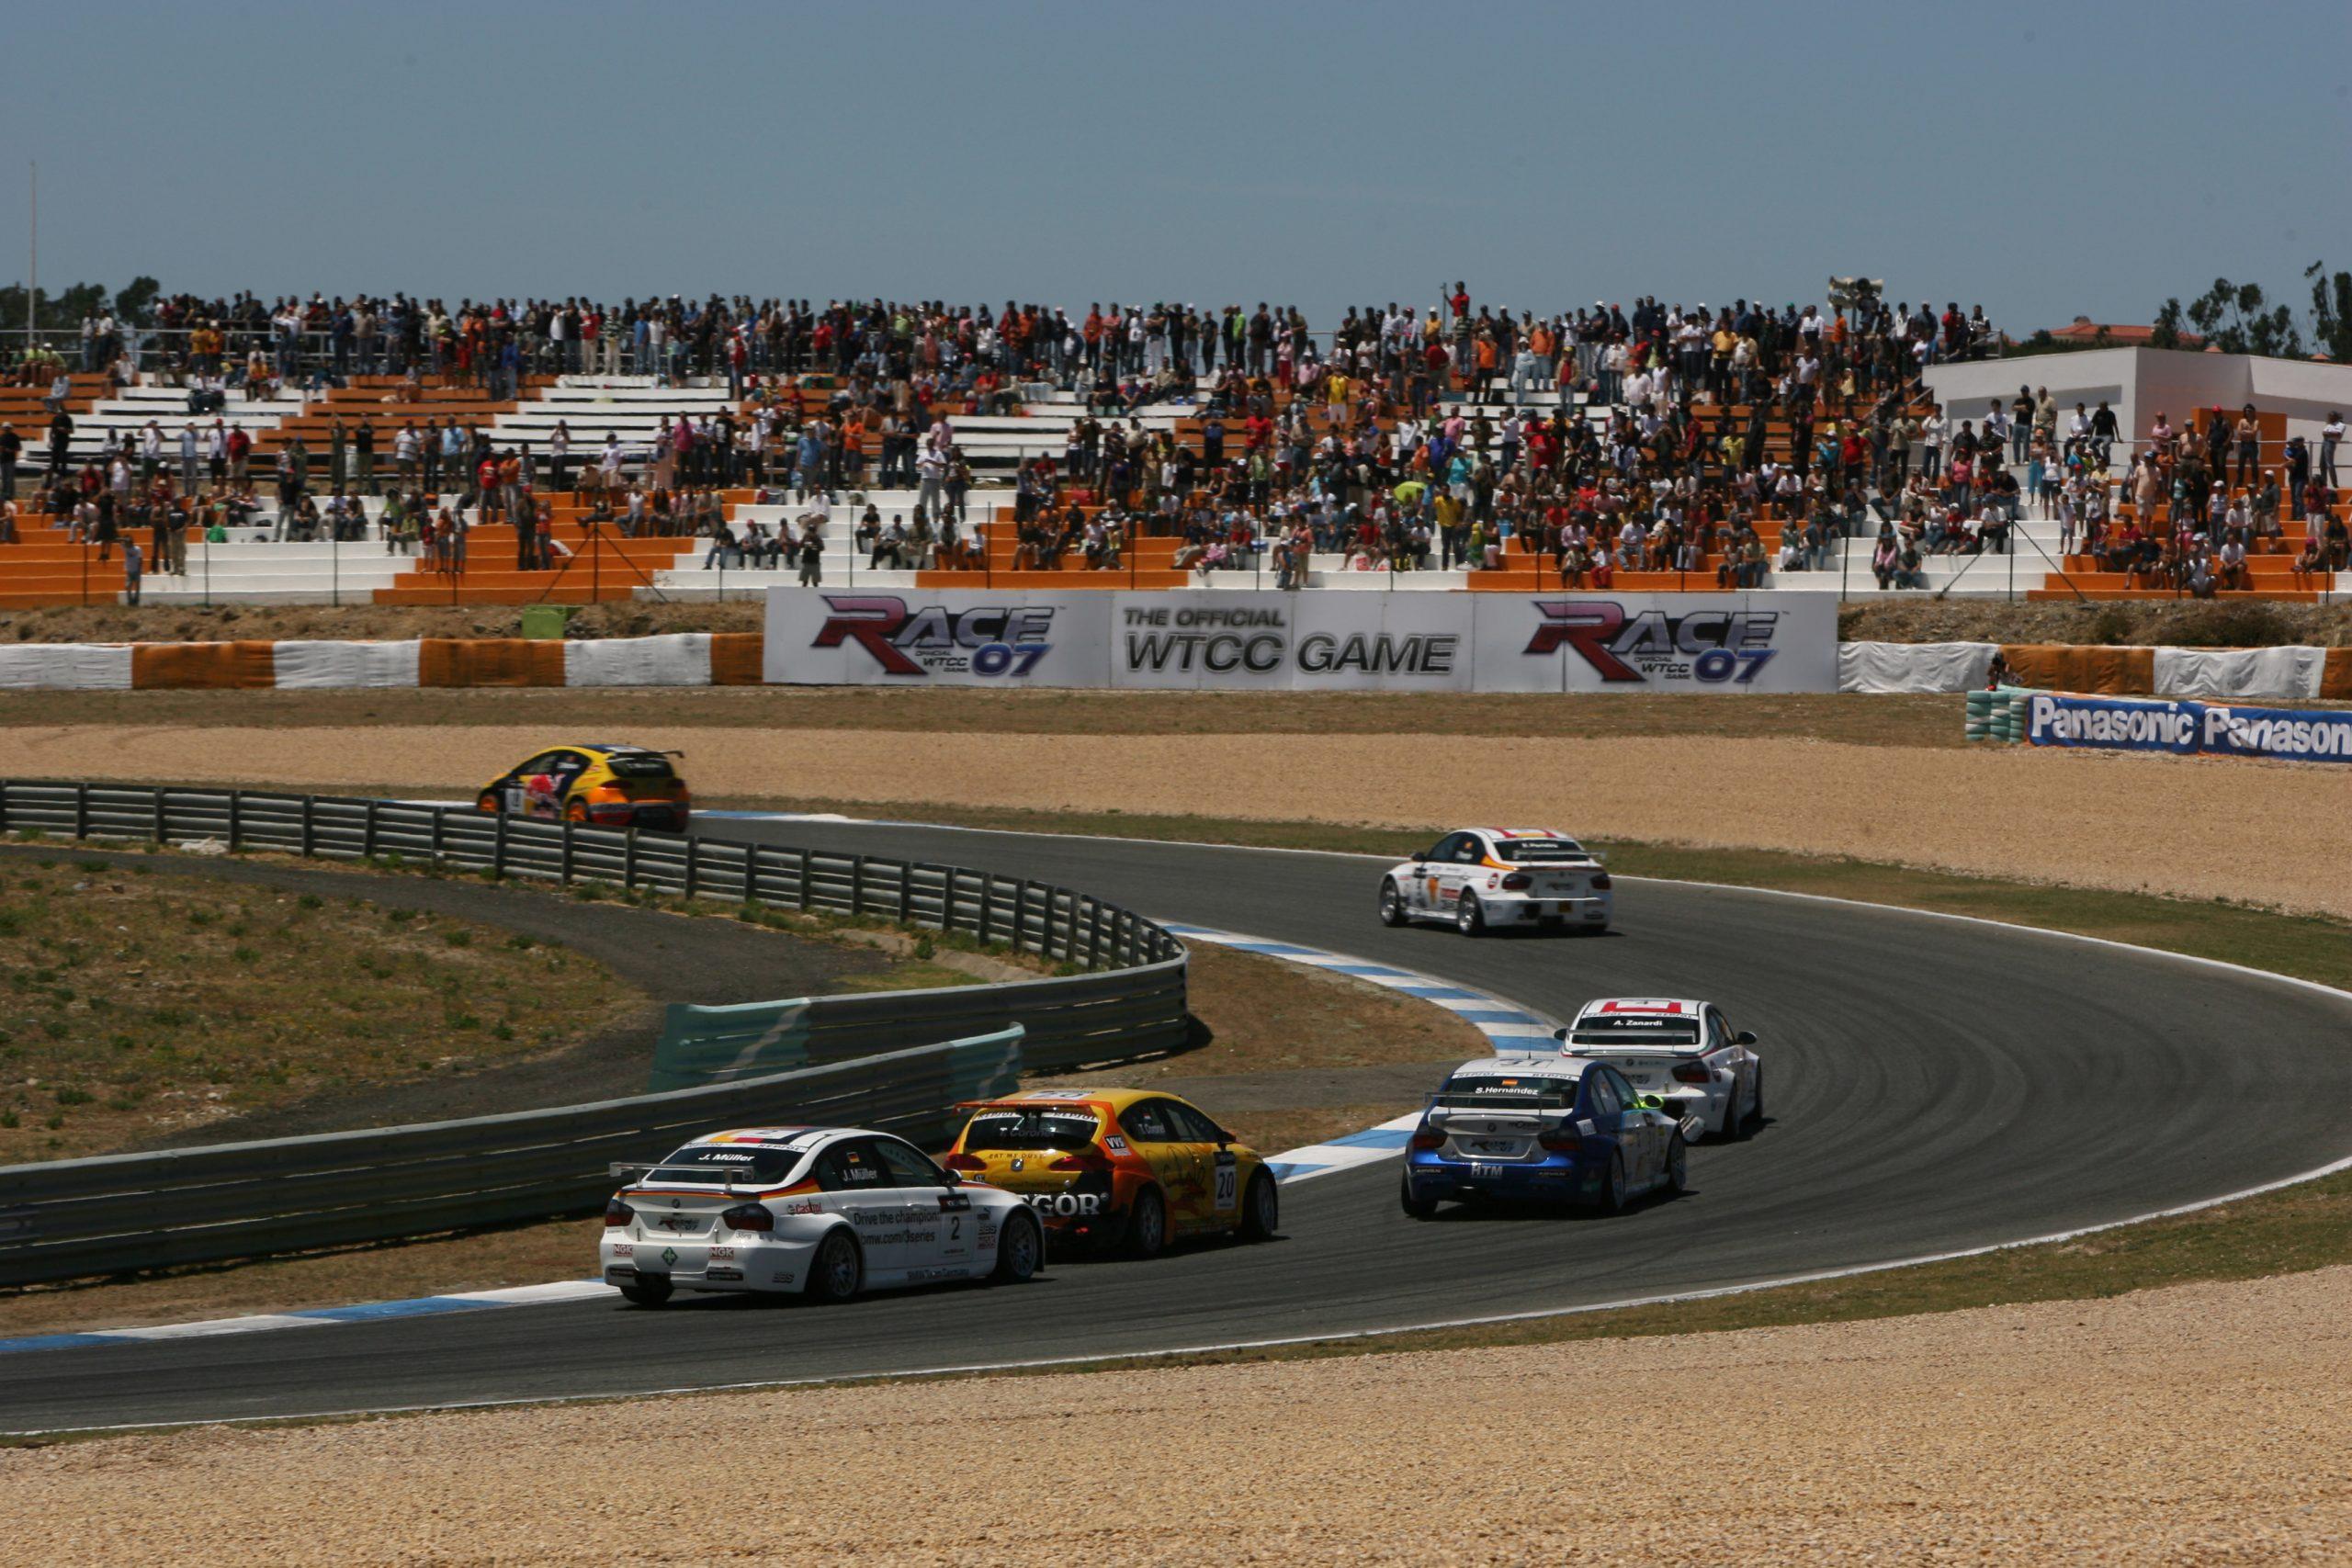 06-fia-wtcc-race-of-portugal-circuito-do-estoril-2008-scaled.jpg